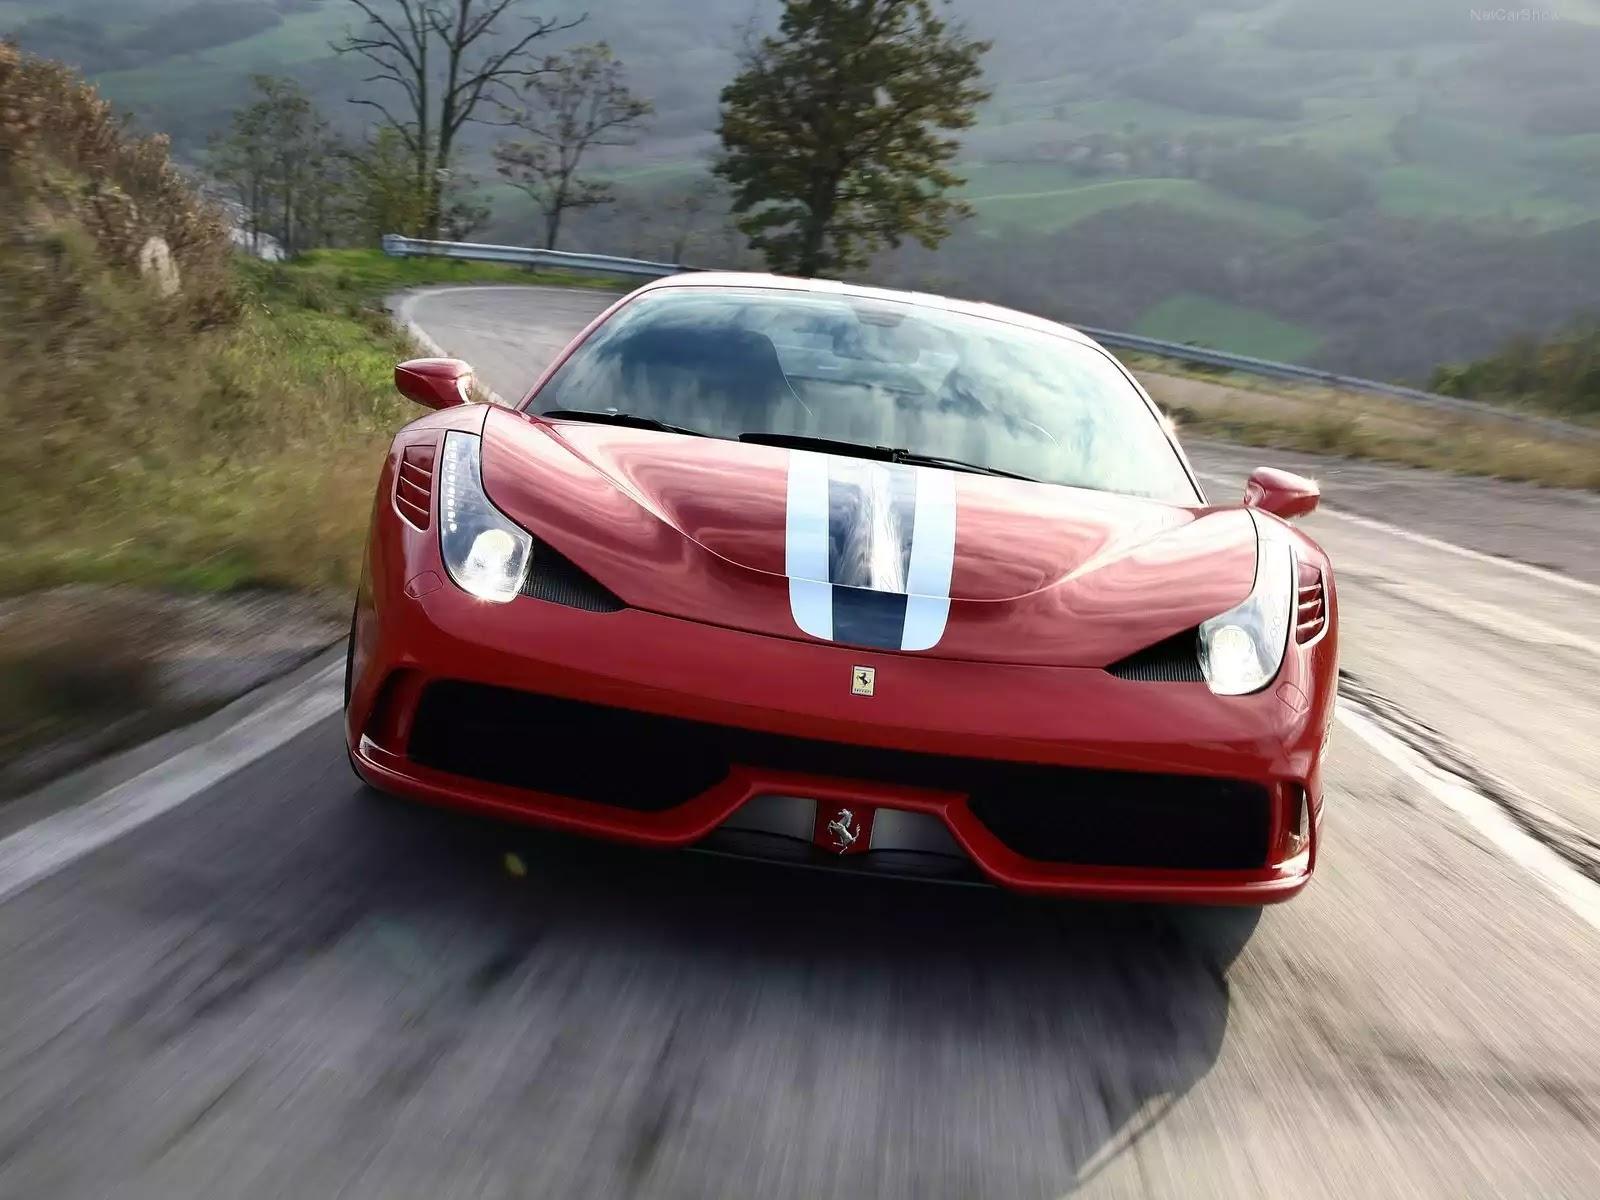 Hình ảnh siêu xe Ferrari 458 Speciale 2014 & nội ngoại thất